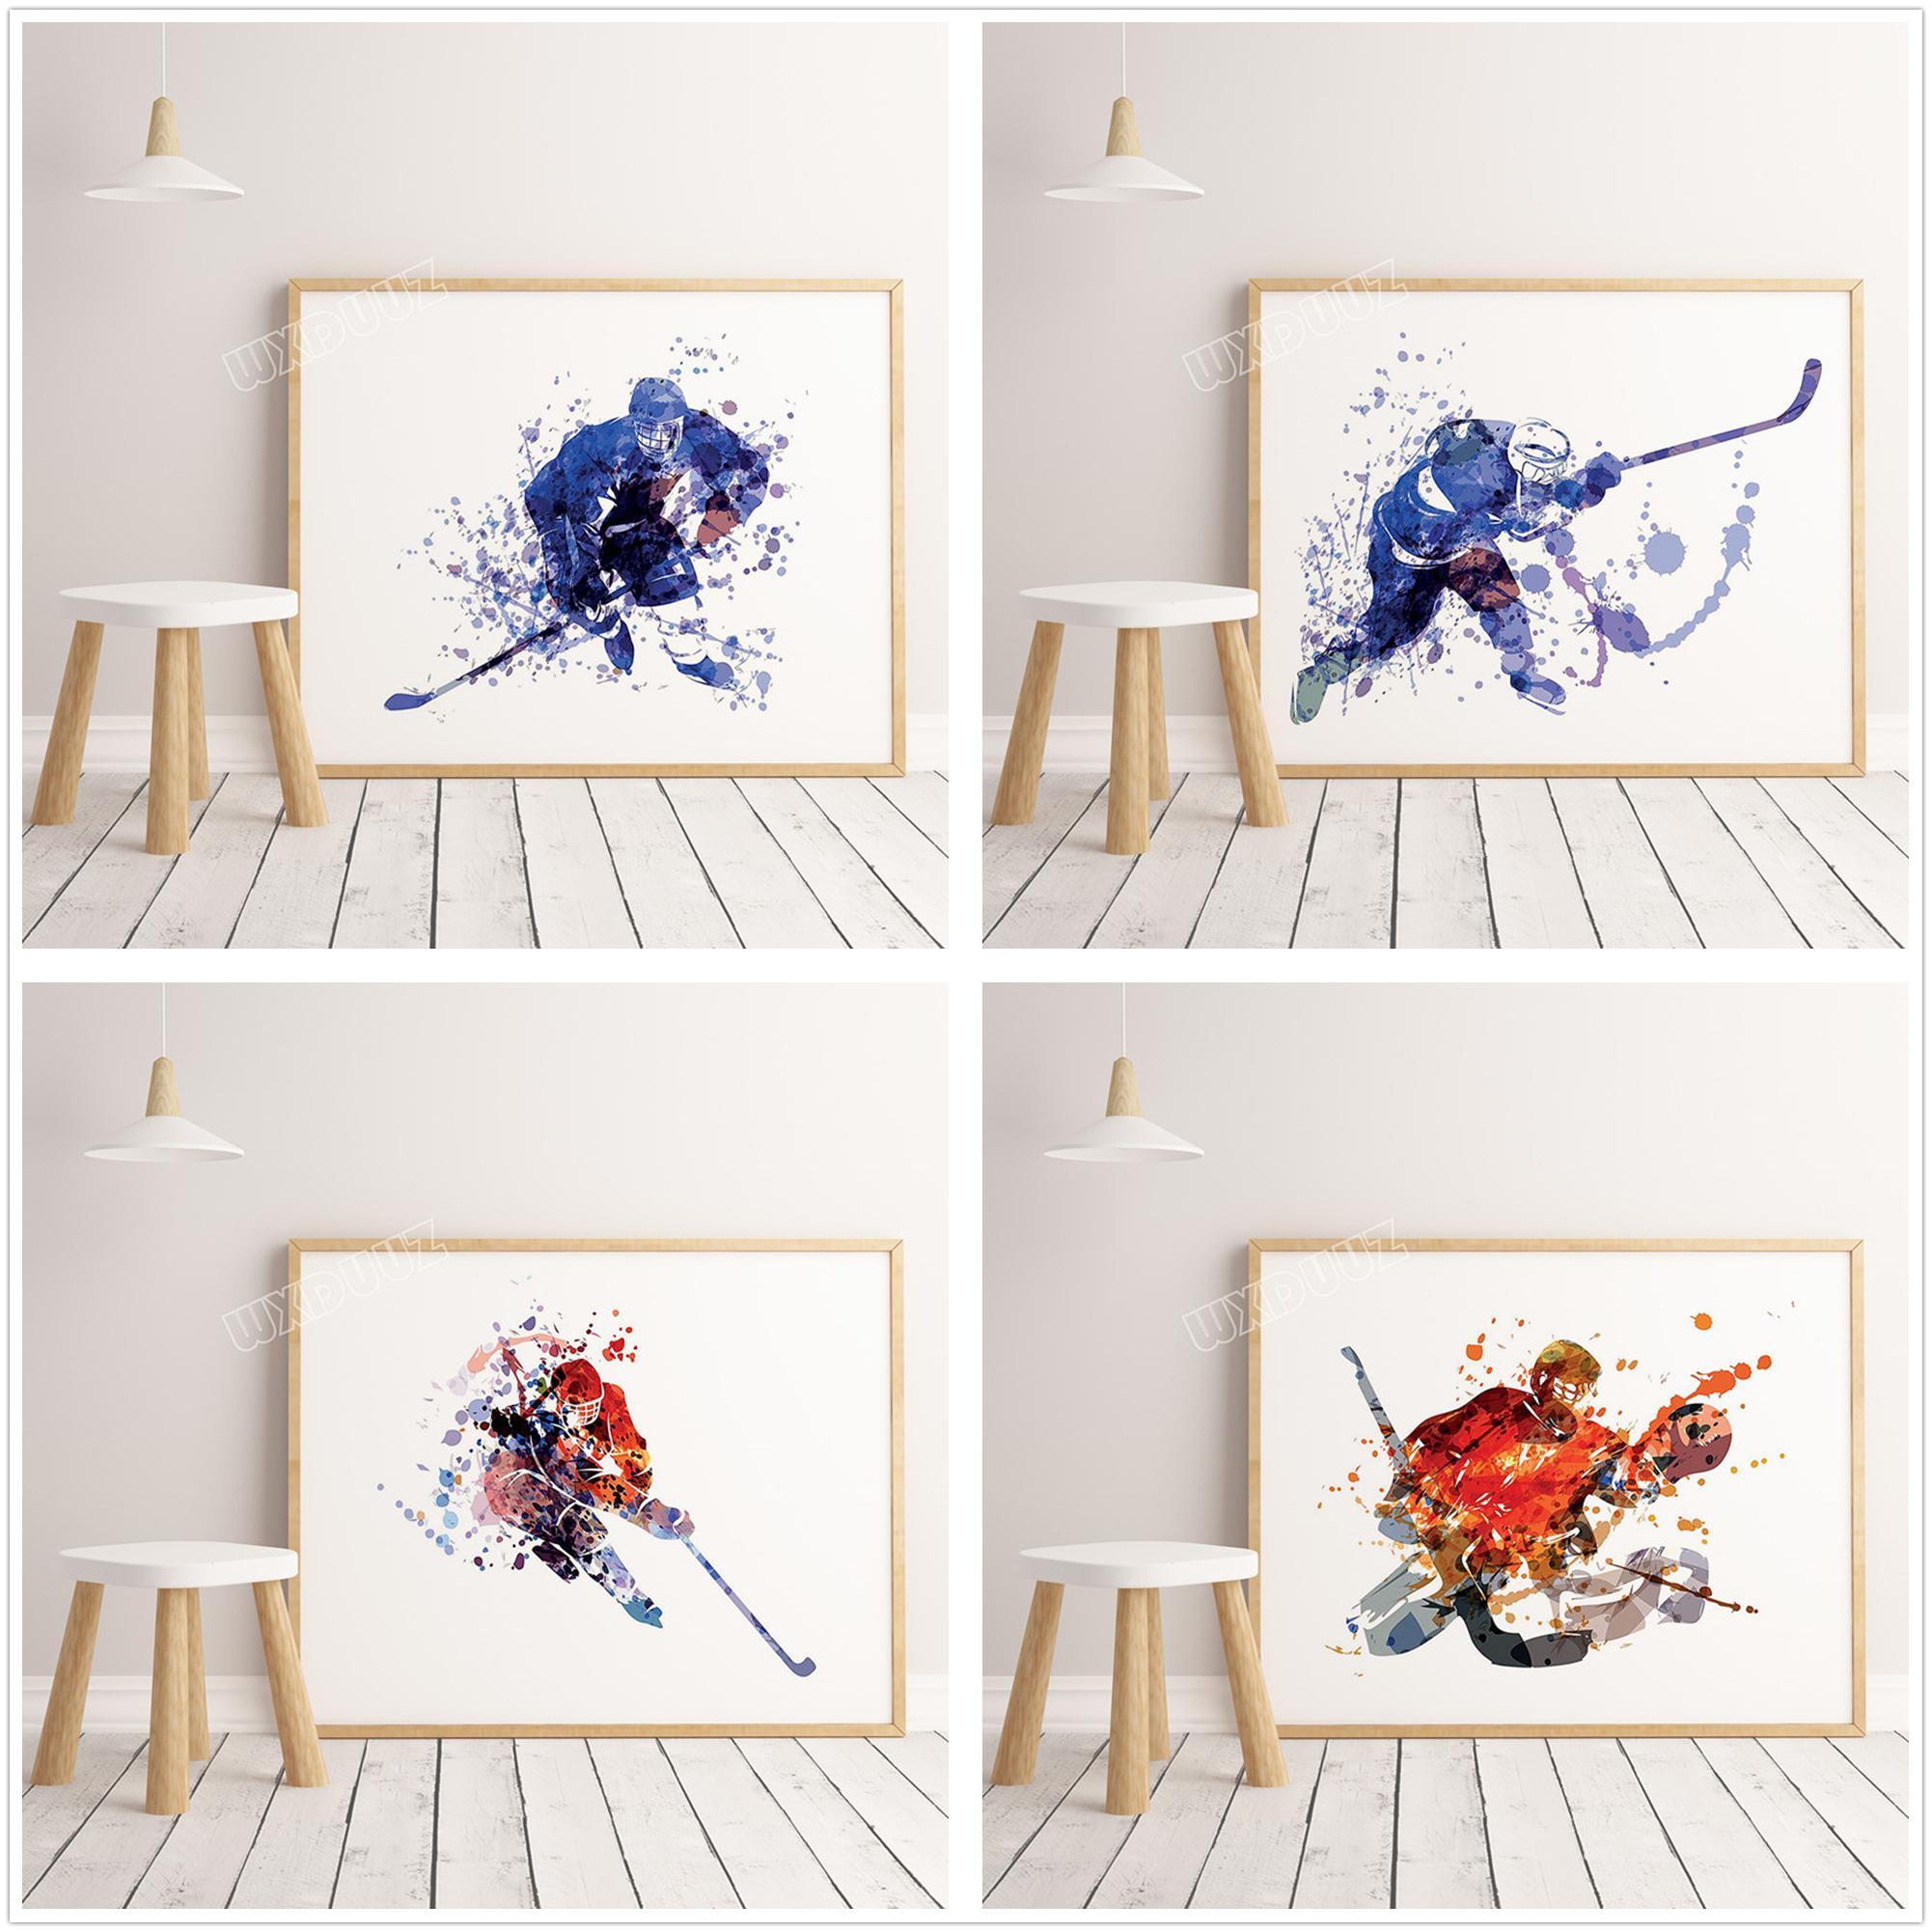 Хоккей на льду акварель настенное искусство плакат Арт Декор домашний декор детская детская комната живопись настенное искусство холст Живопись A263